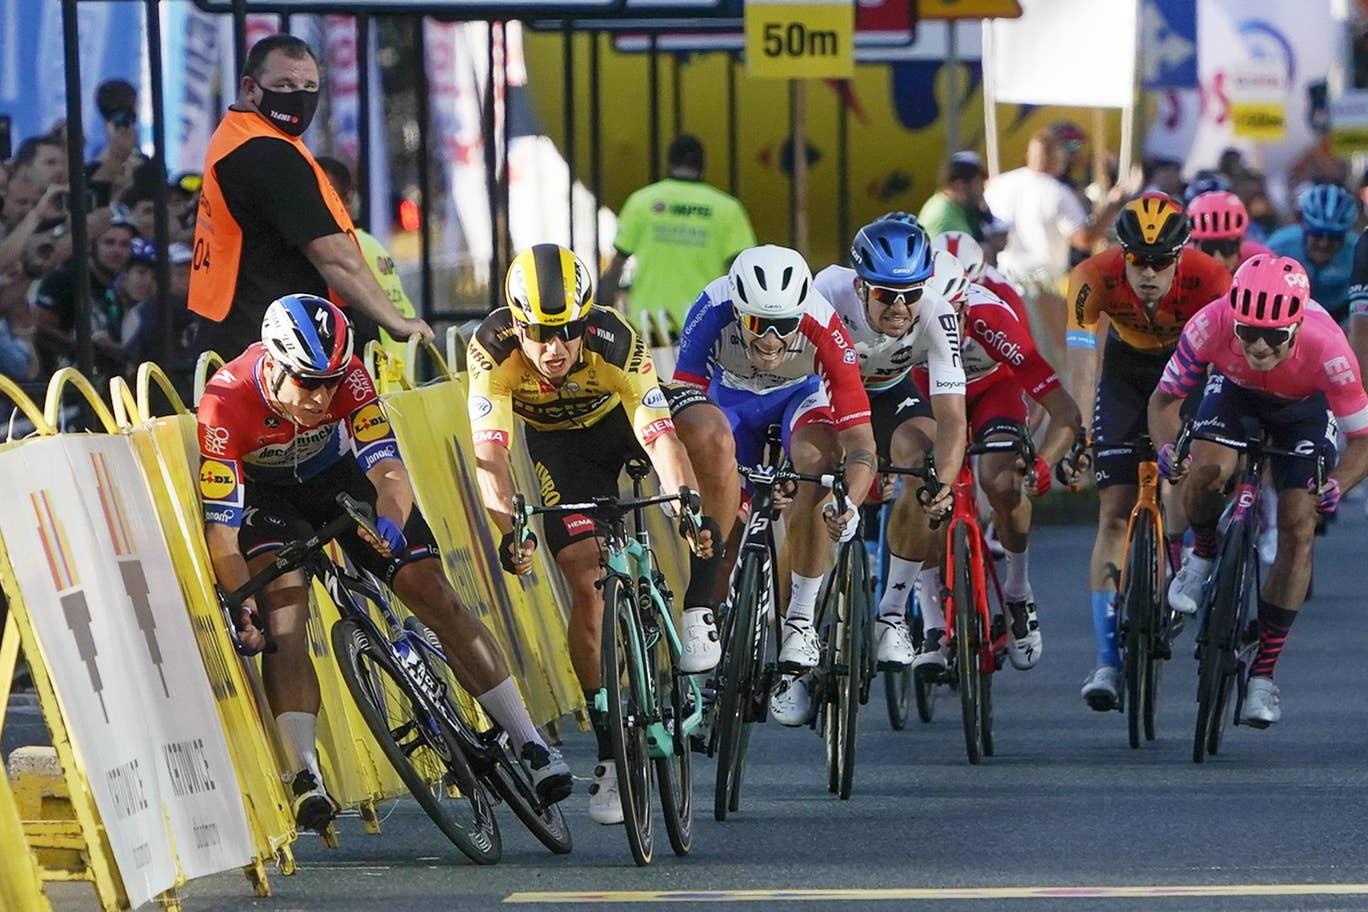 Equipe de Fabio Jakobsen pede prisão de ciclista que empurrou seu atleta no  Tour da Polônia; Jakobsen está em estado grave - Surto Olimpico